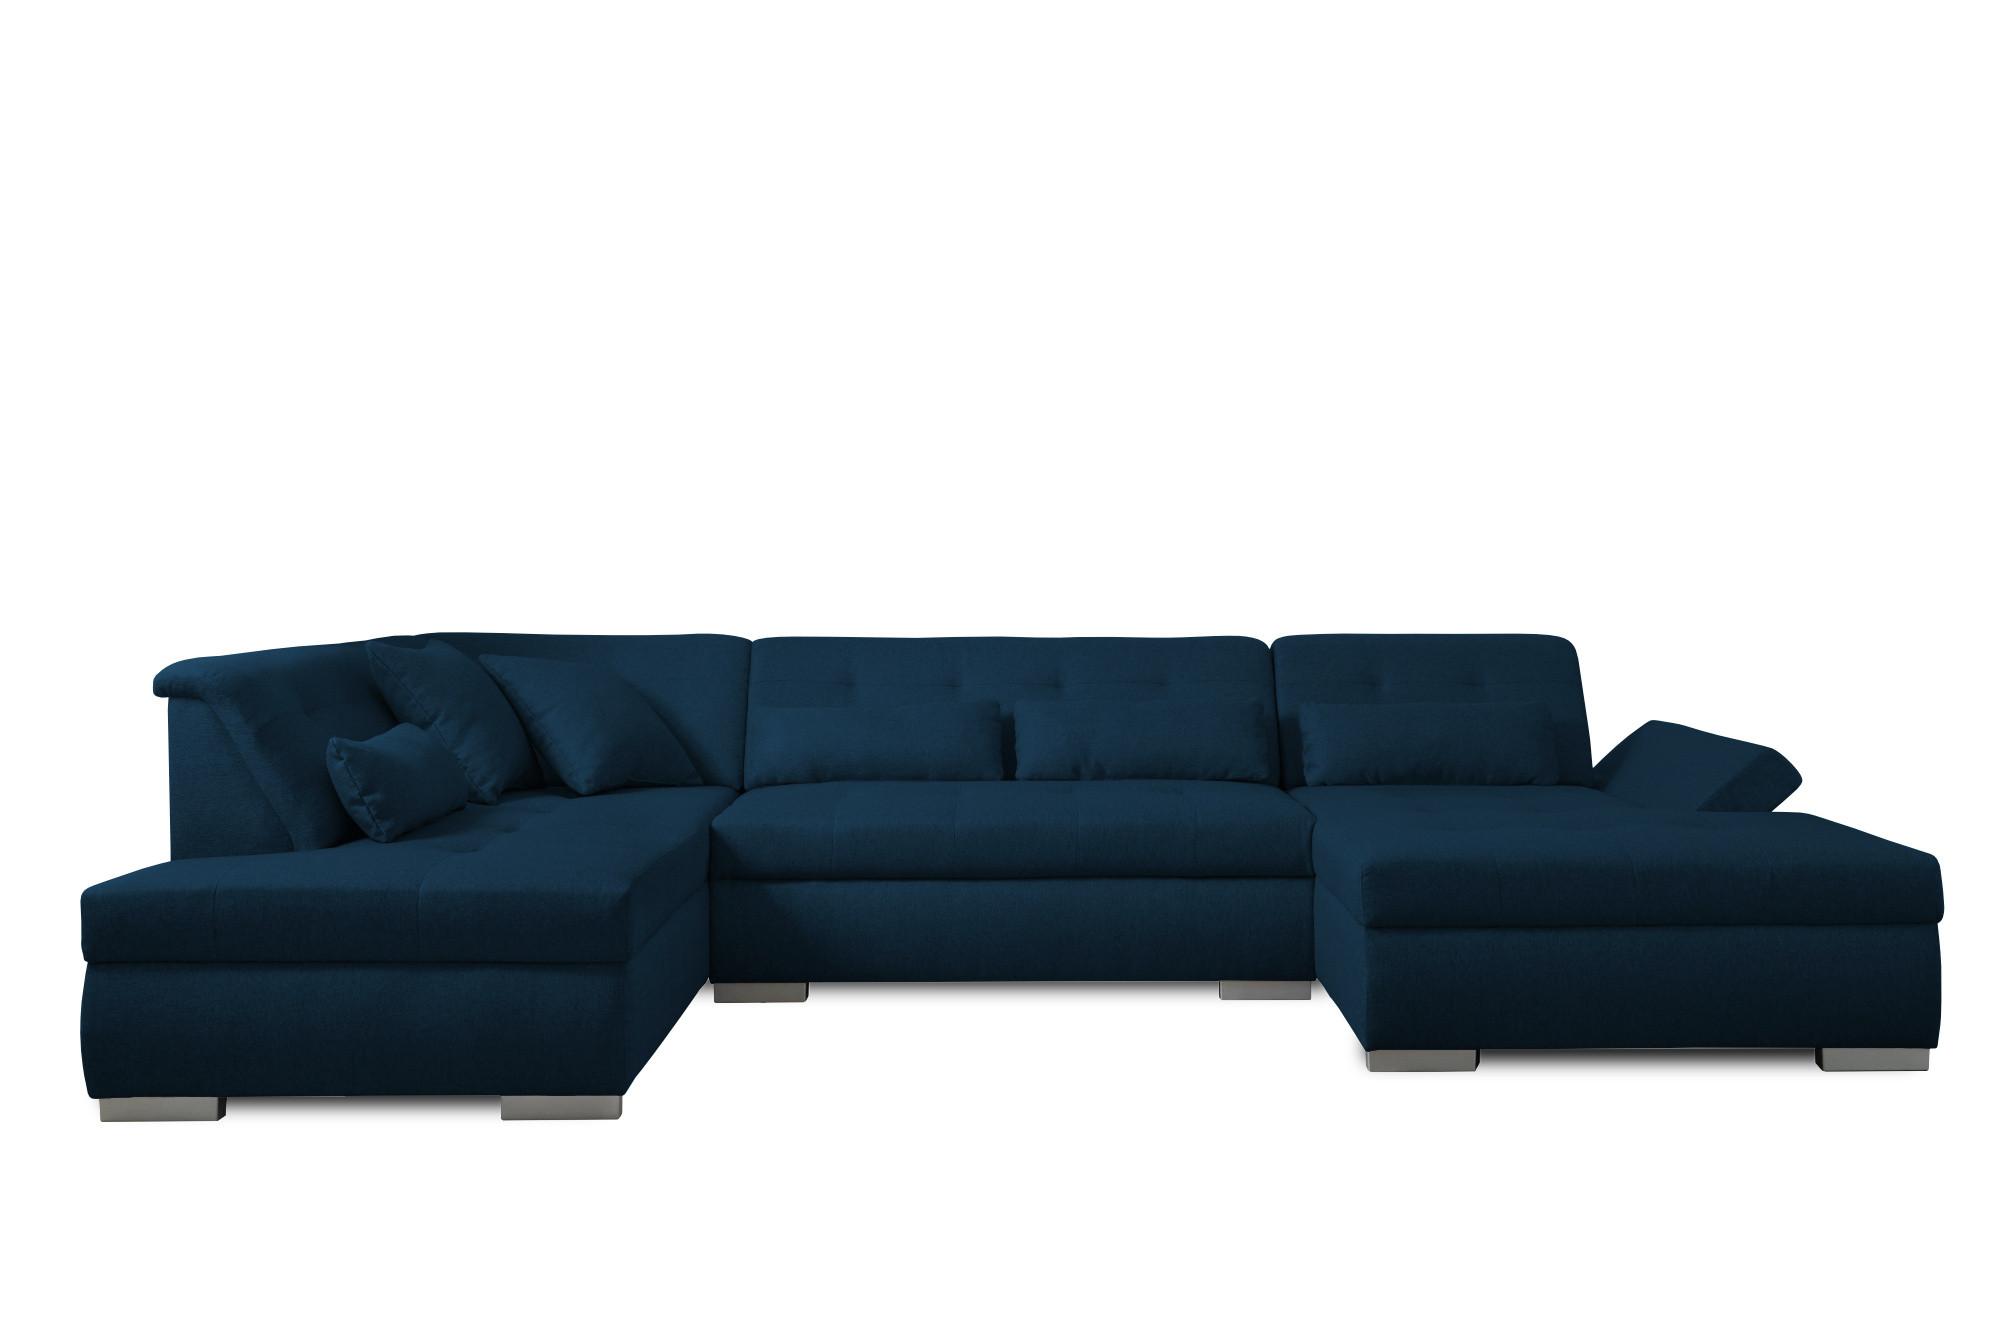 Canapé panoramique Angle gauche 7 places Tissu Bleu pétrole